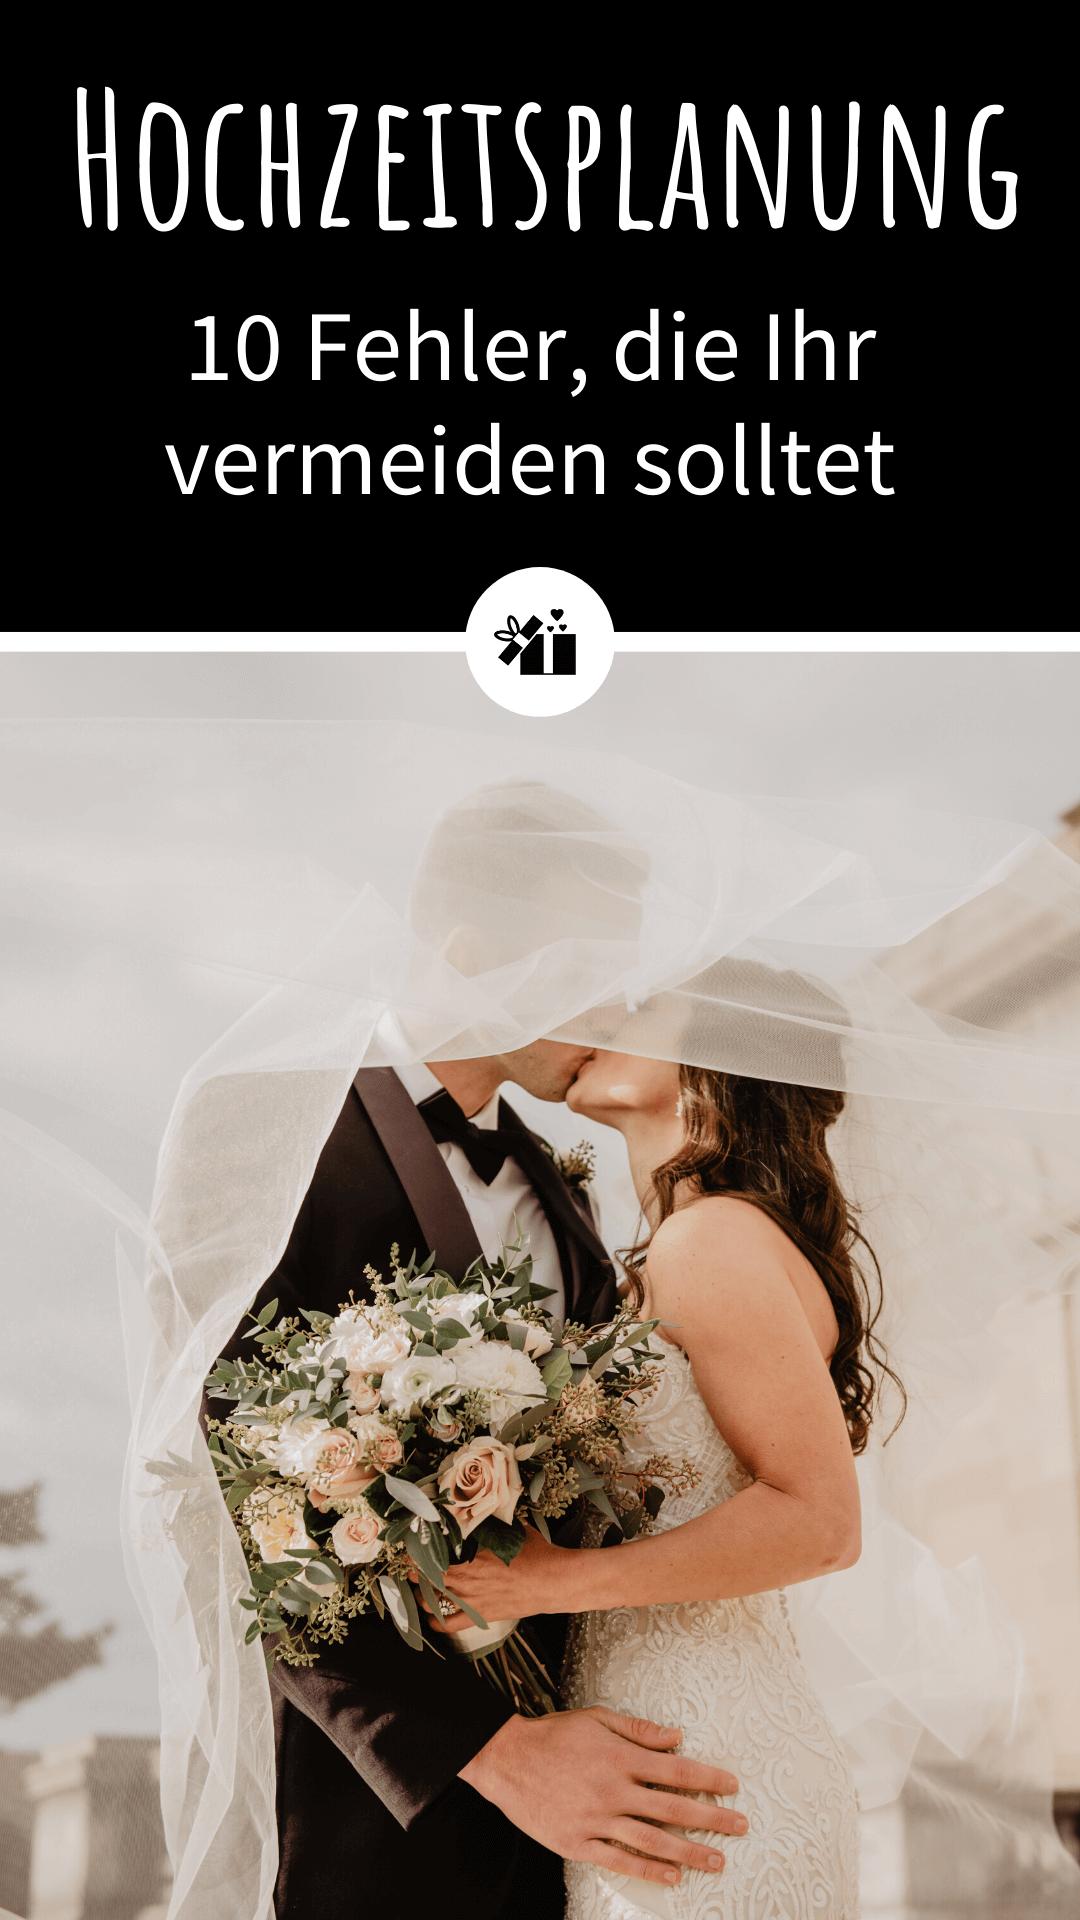 Hochzeitsplanung Fehler